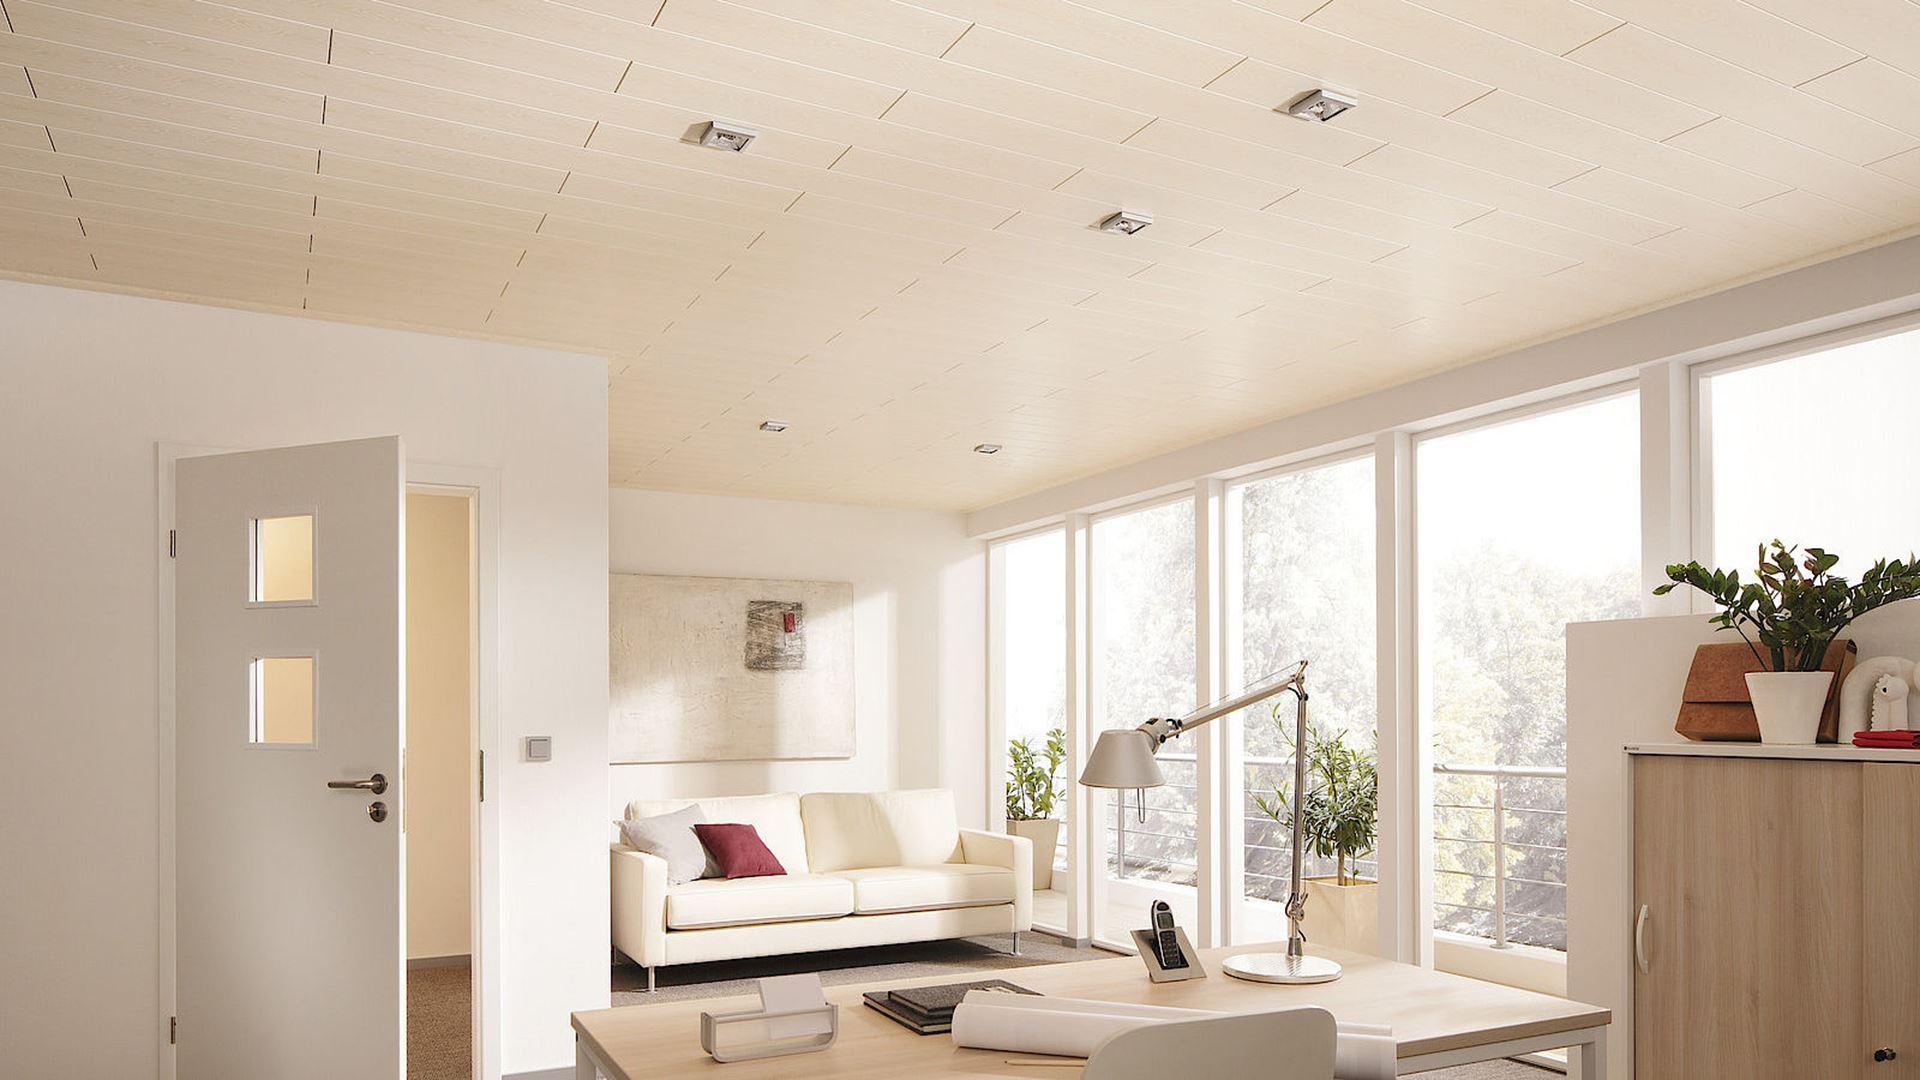 beulen hout voor interieur wanden plafonds. Black Bedroom Furniture Sets. Home Design Ideas